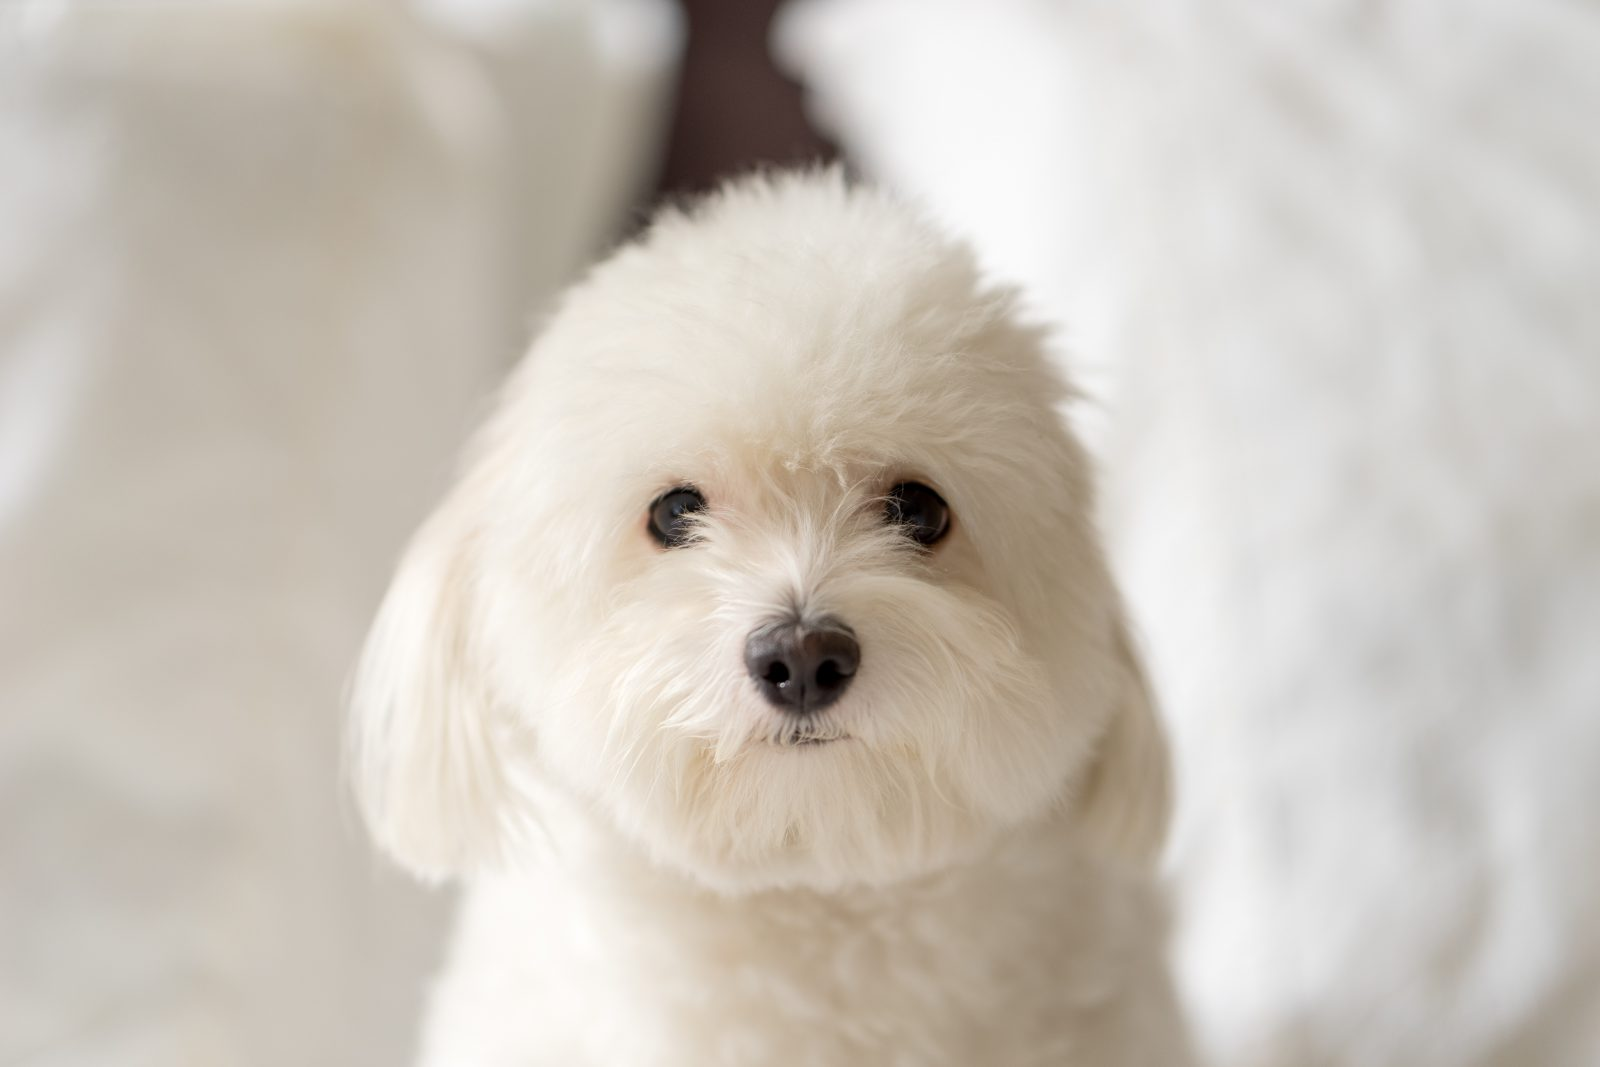 Cachorros pequenos: oton de Tulear e sua pelagem fofinha e toda branca que dá vontade de agarrar.